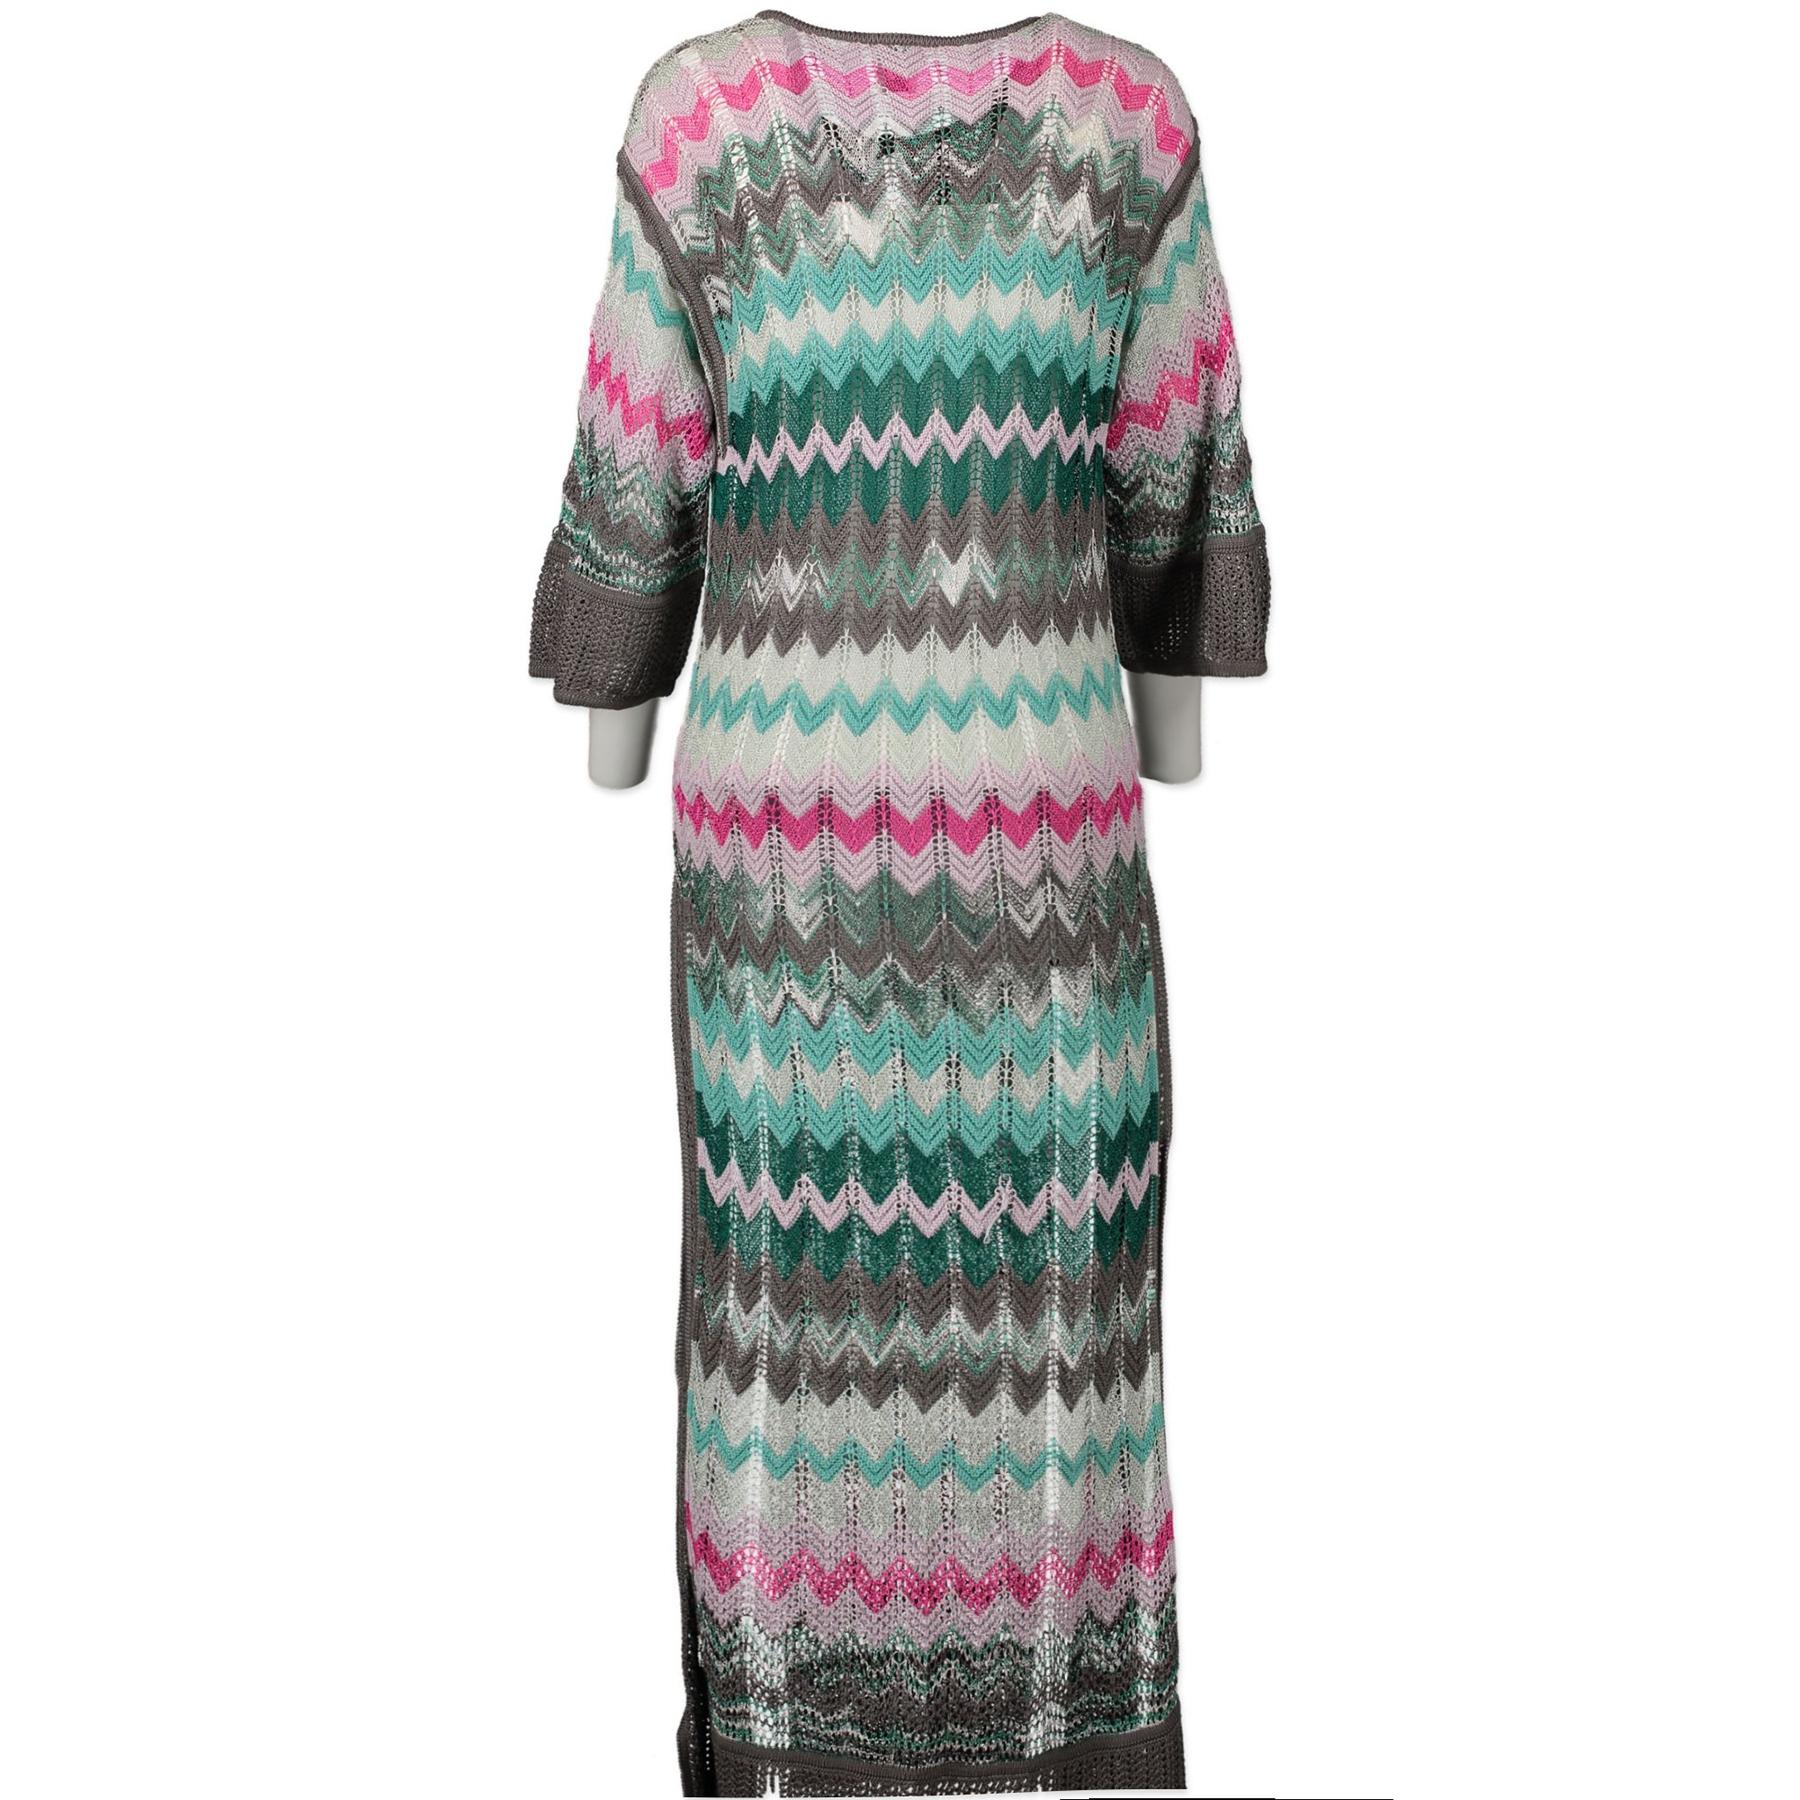 Authentieke Tweedehands Missoni Crochet Long Dress - Size 38 juiste prijs veilig online shoppen luxe merken webshop winkelen Antwerpen België mode fashion